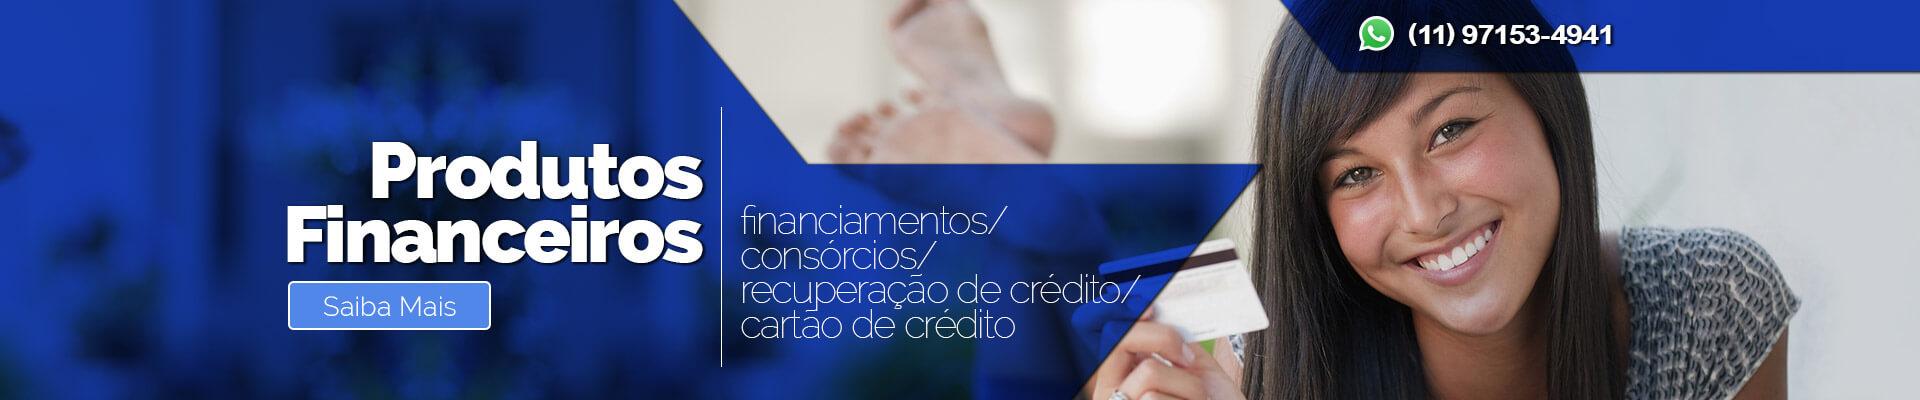 w-slide-produtos-financeiros